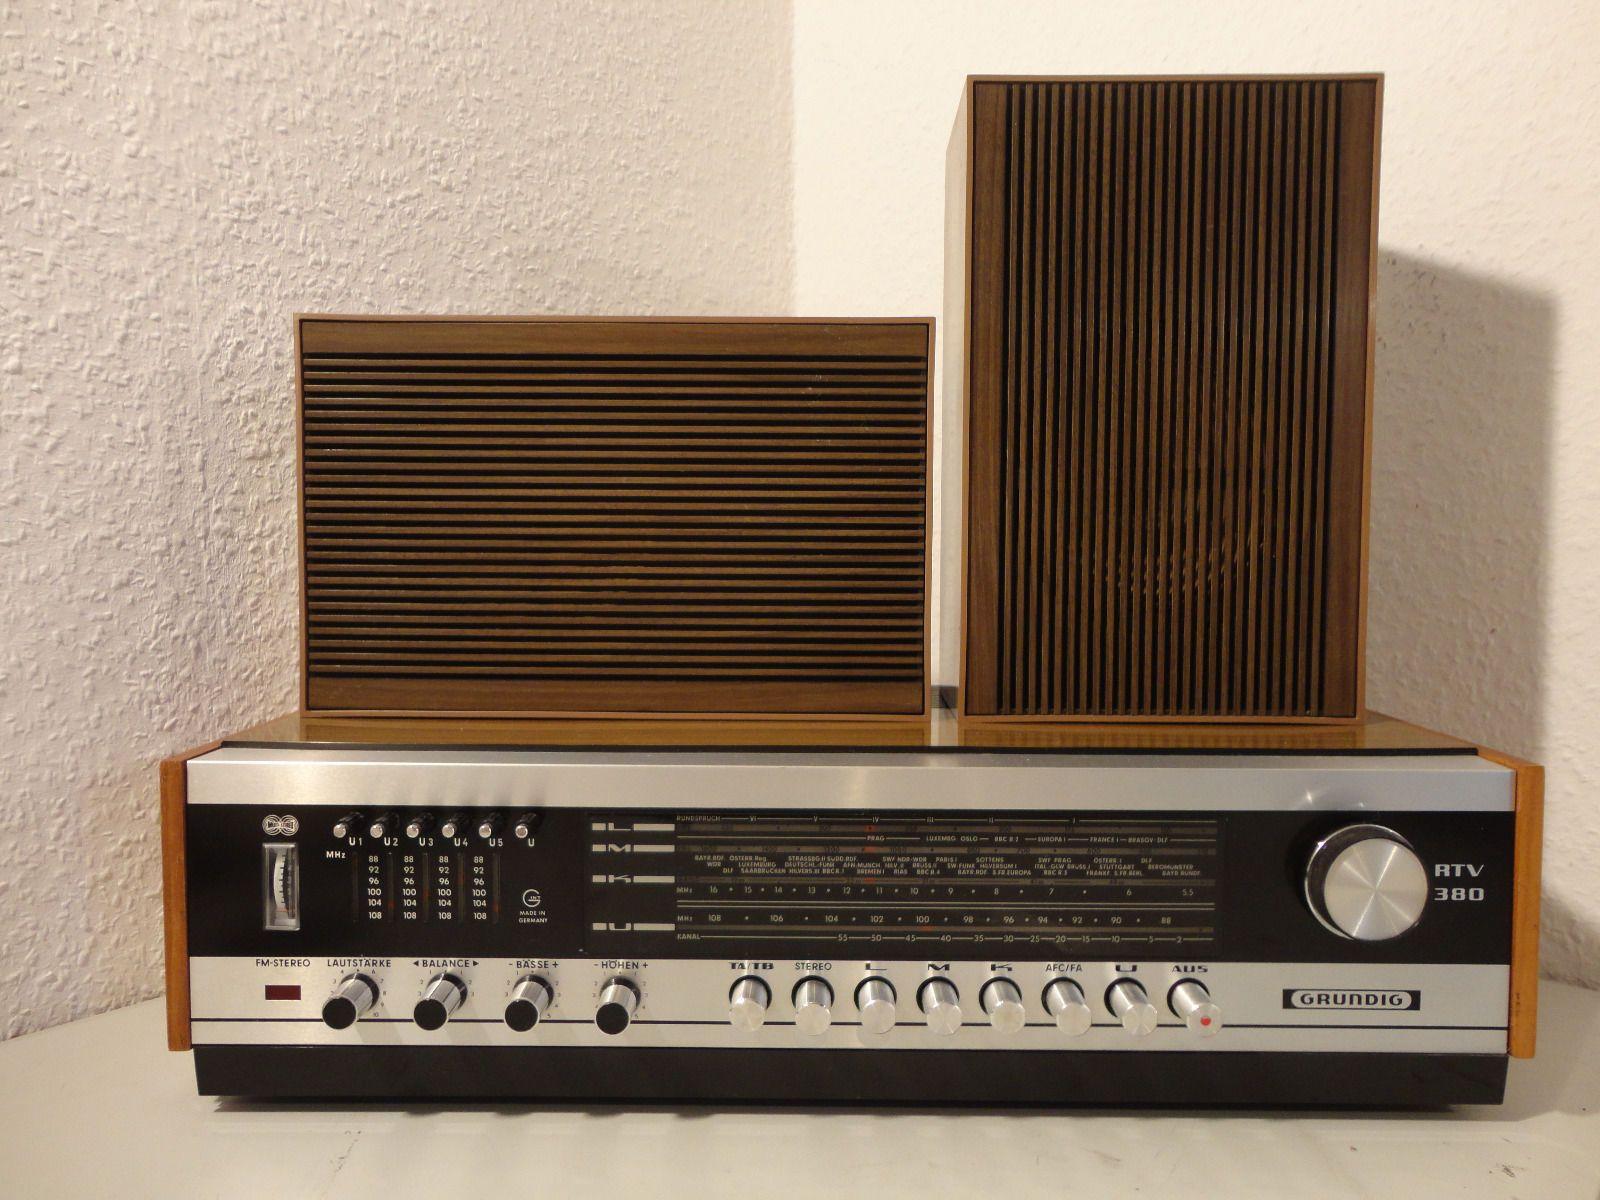 Vintage Stereo Receiver Fm Radio Grundig Rtv 380